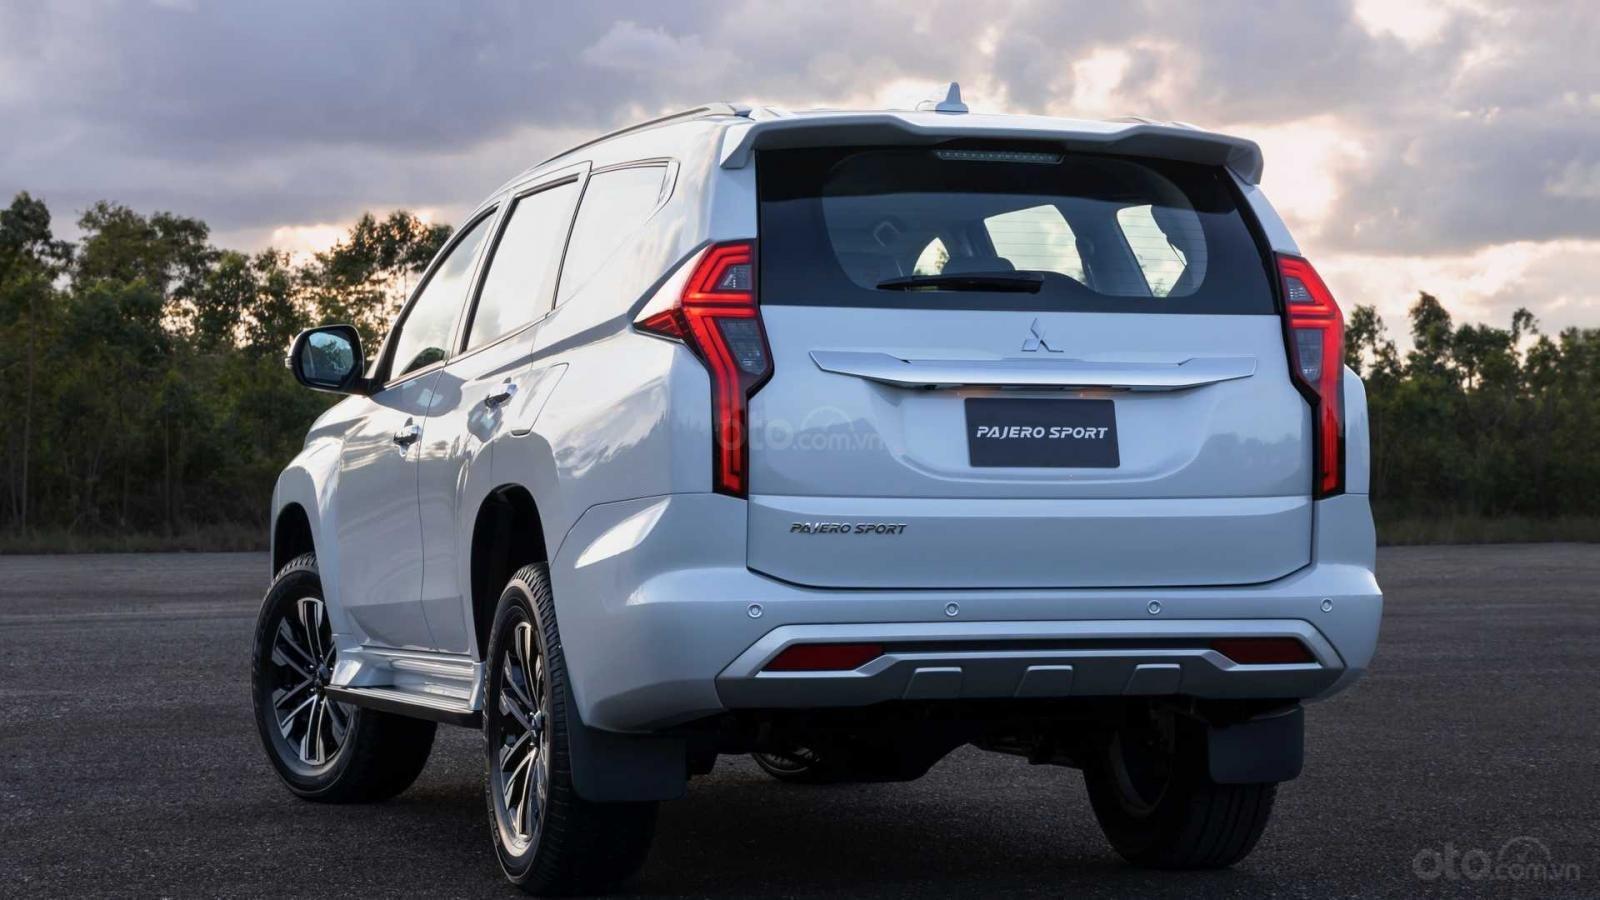 Mitsubishi Pajero Sport 2020 sẽ tùy biến dựa vào quy định của các khu vực kinh doanh